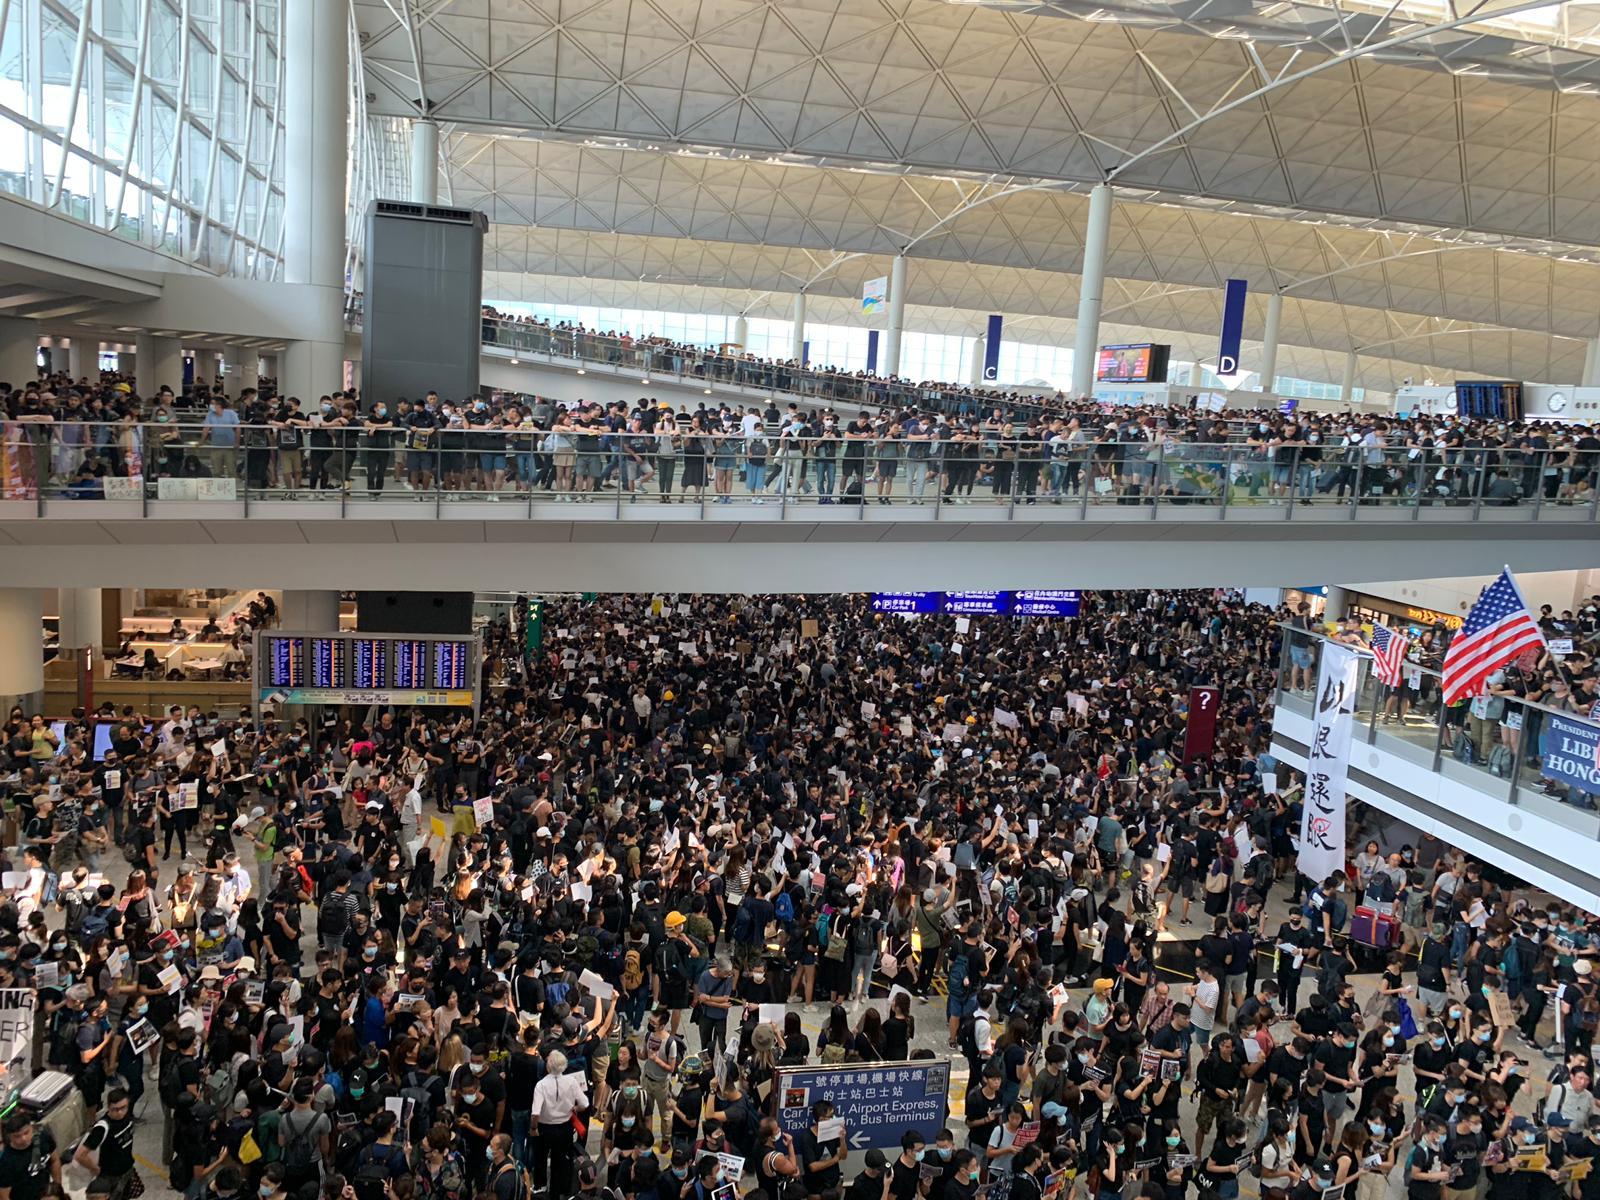 國泰呼籲員工盡快離開機場。